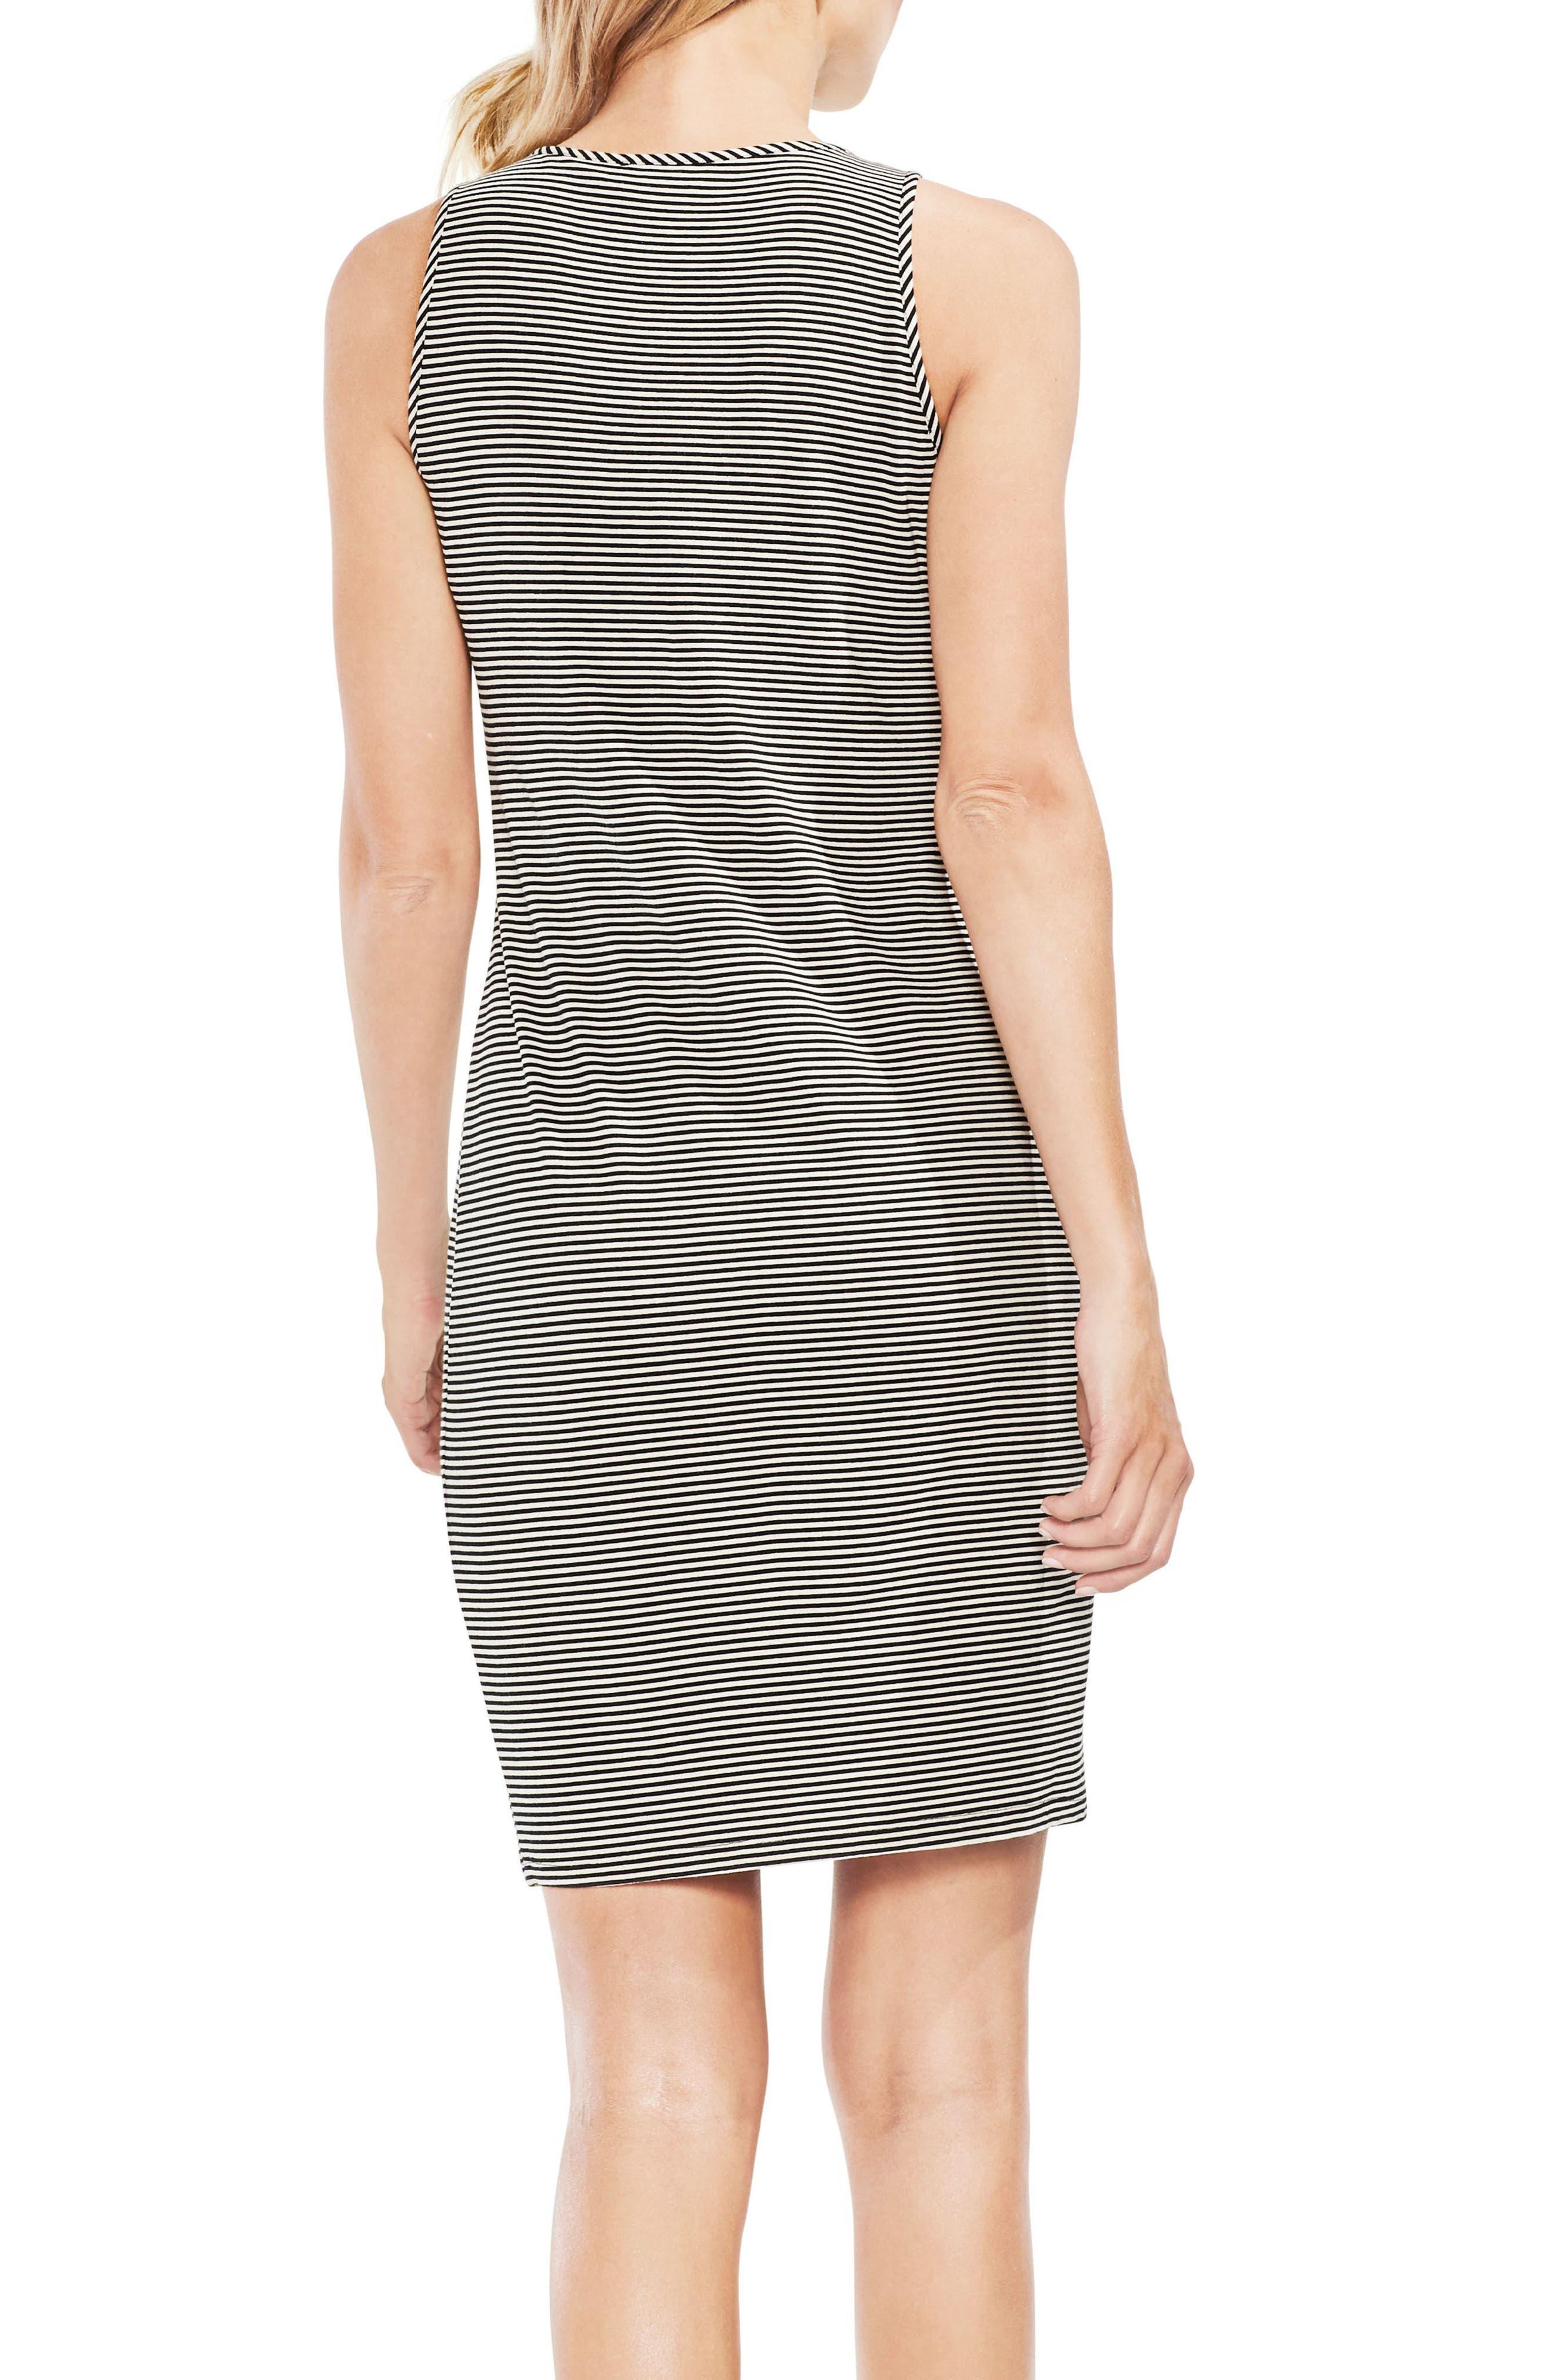 Chantelle Pinstripe Body-Con Dress,                             Alternate thumbnail 2, color,                             001